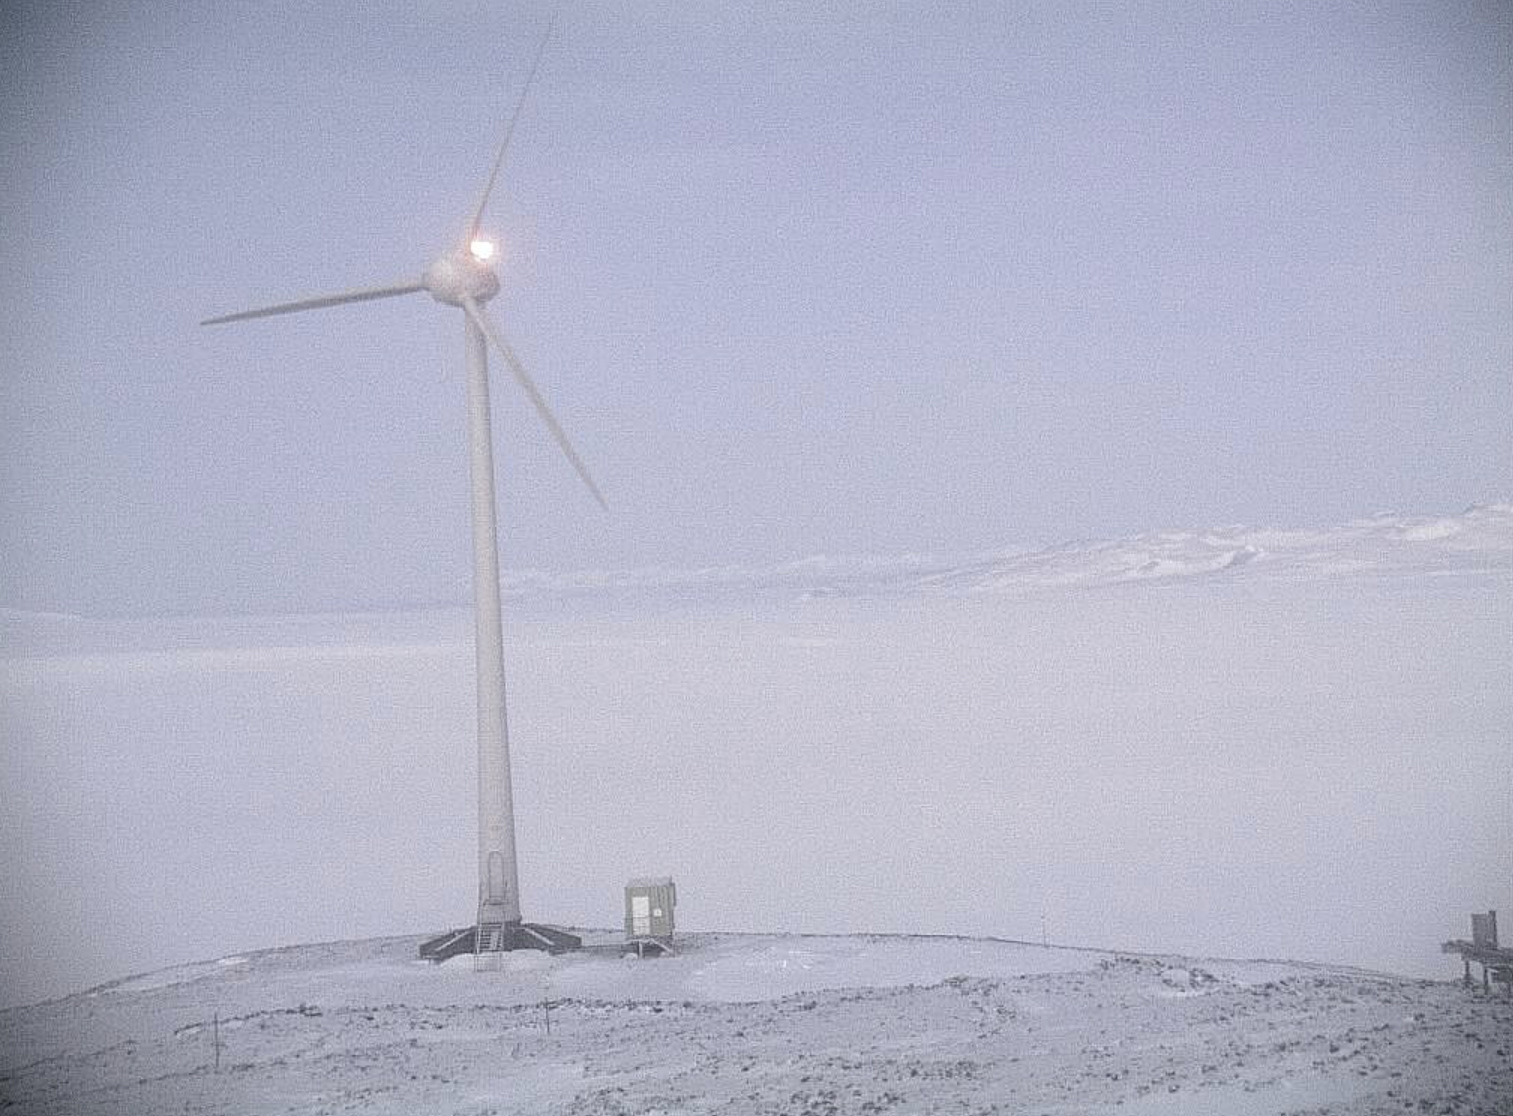 Ross Windmill Farm, Antarctica. May 7, 2020, 5:17:26 pm PST